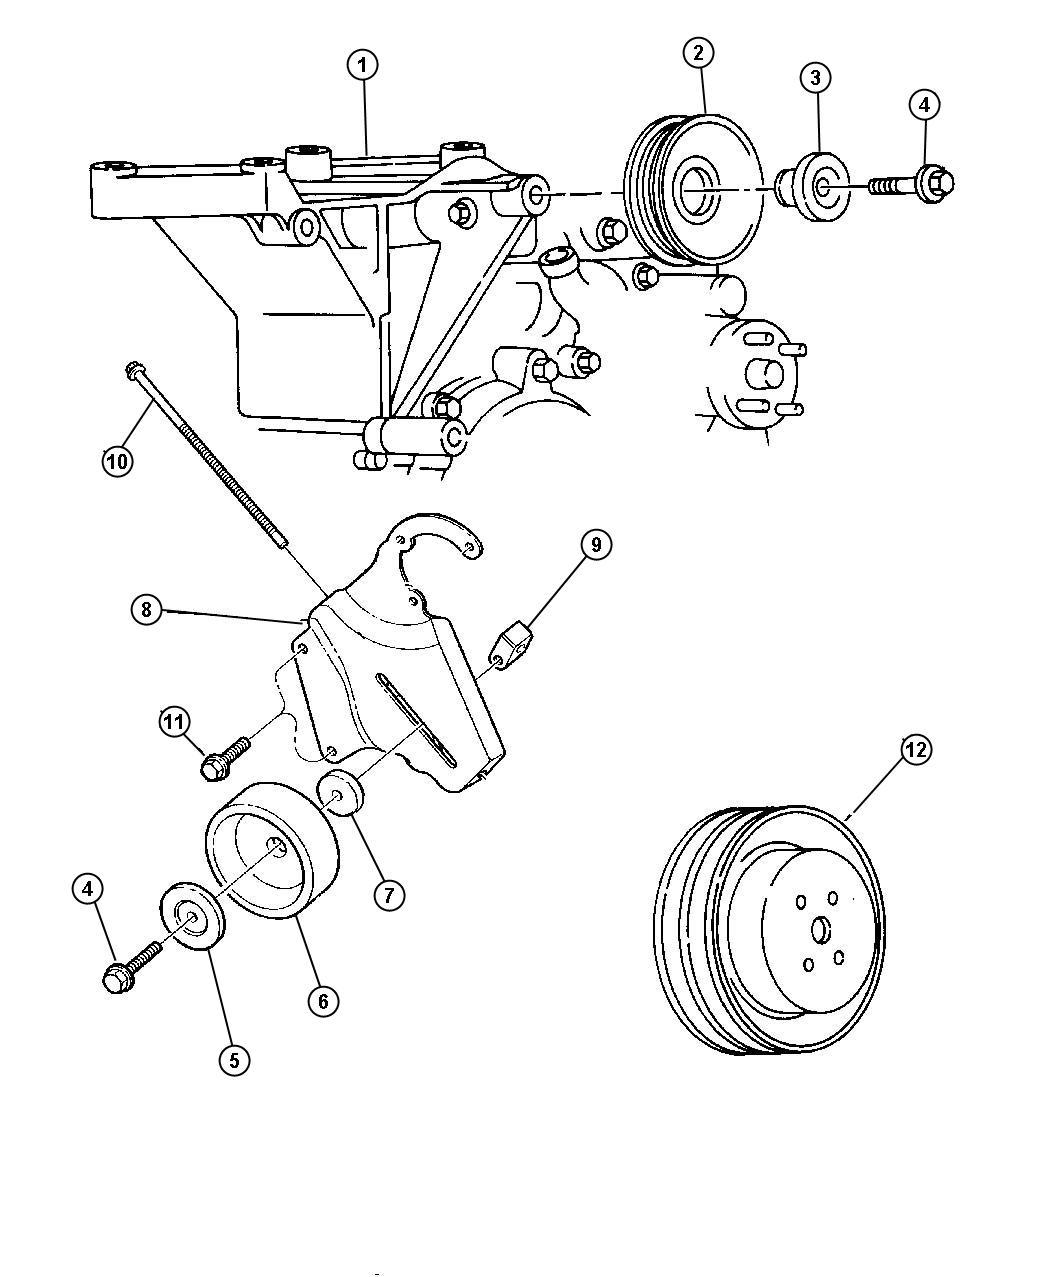 Toyota avalon wiring diagram furthermore 1998 toyota corolla ve 1zzfe zze110 furthermore 864wt 2005 toyota prius